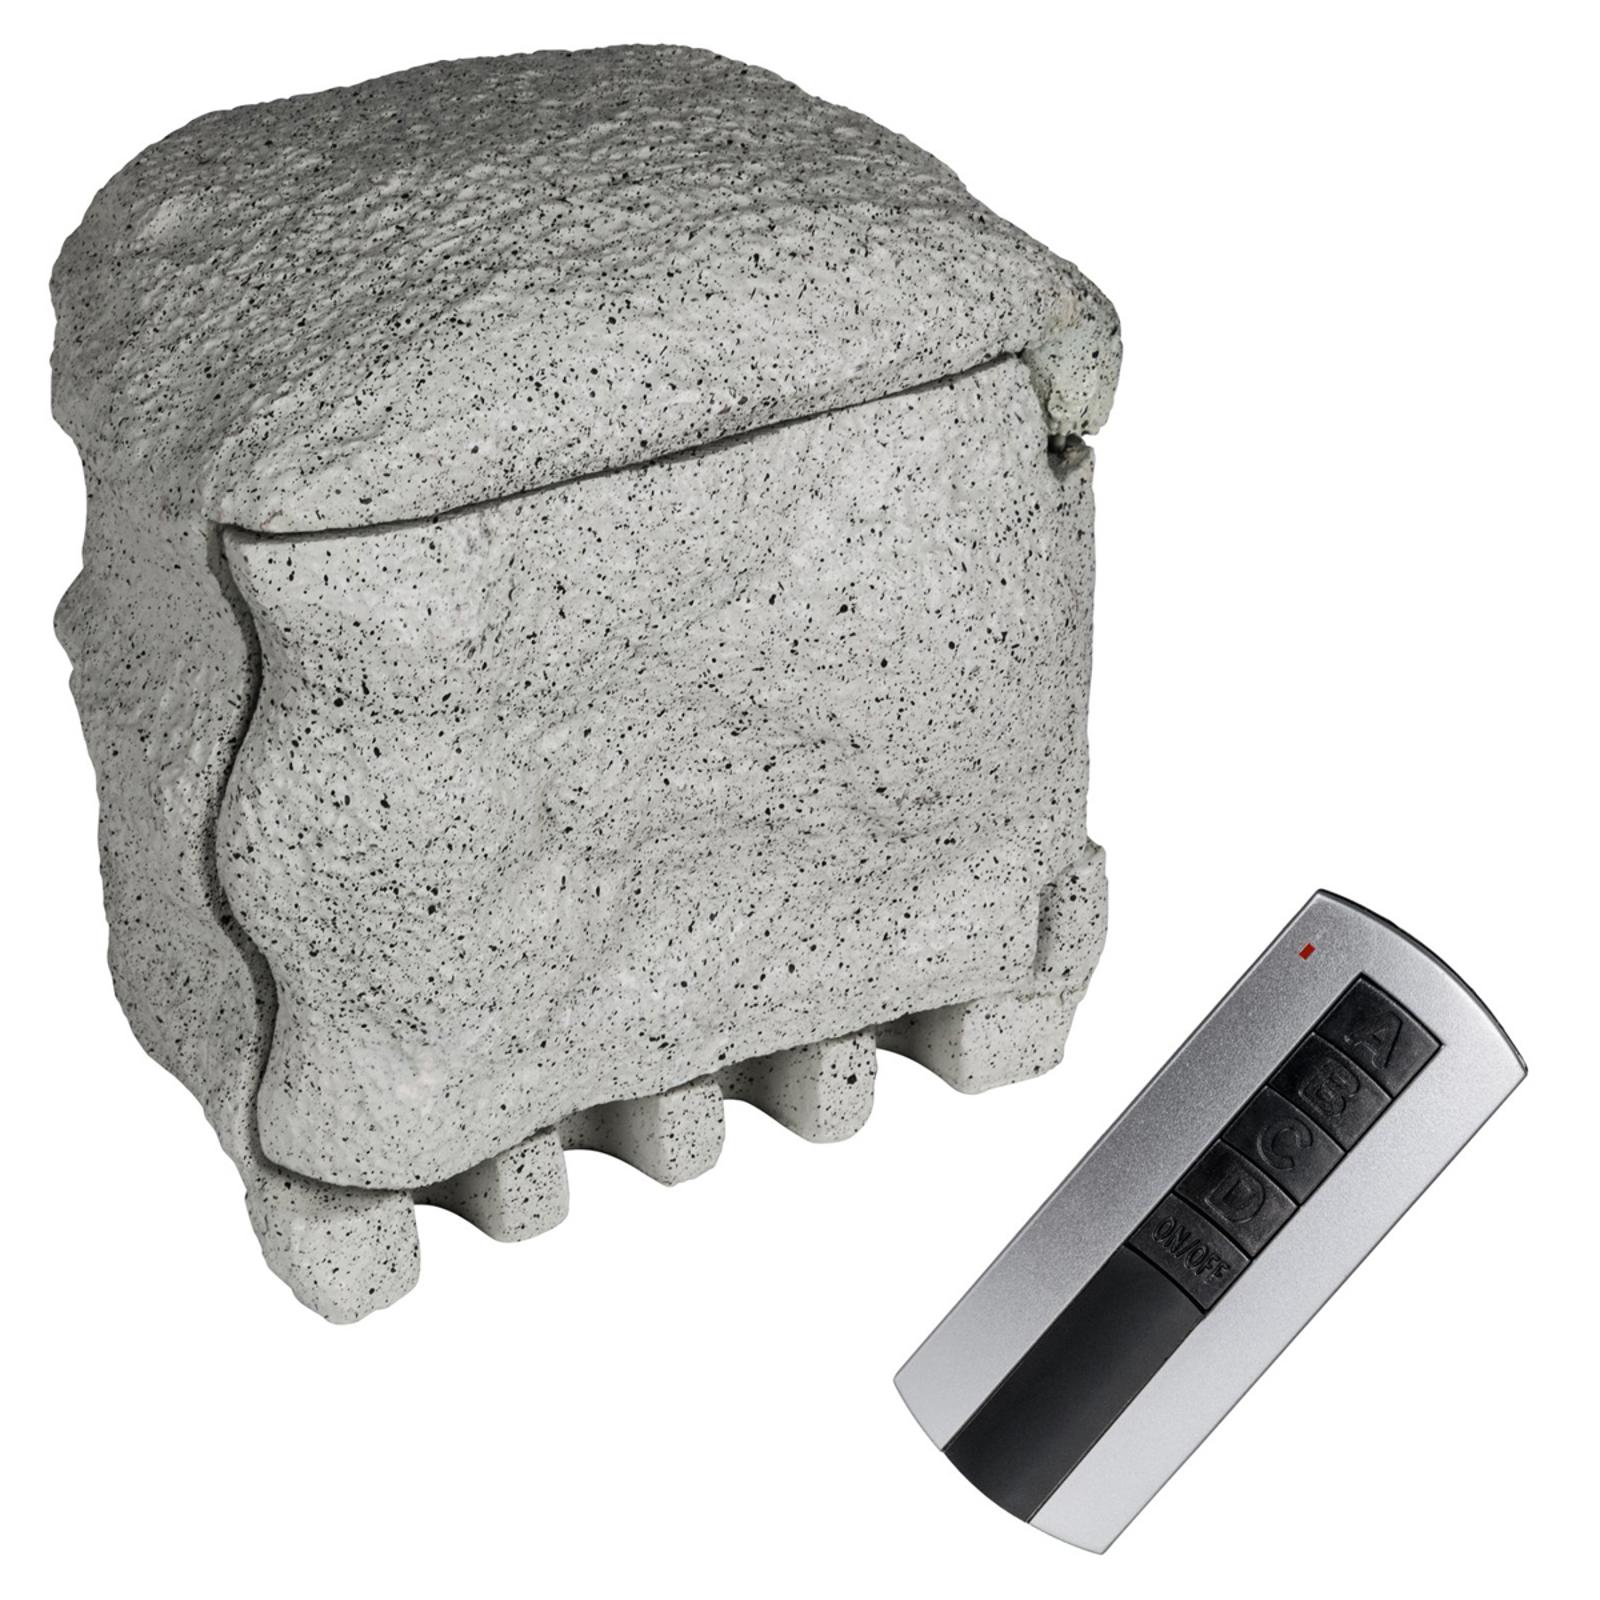 Med fjernbetjening - strømfordeler Piedra